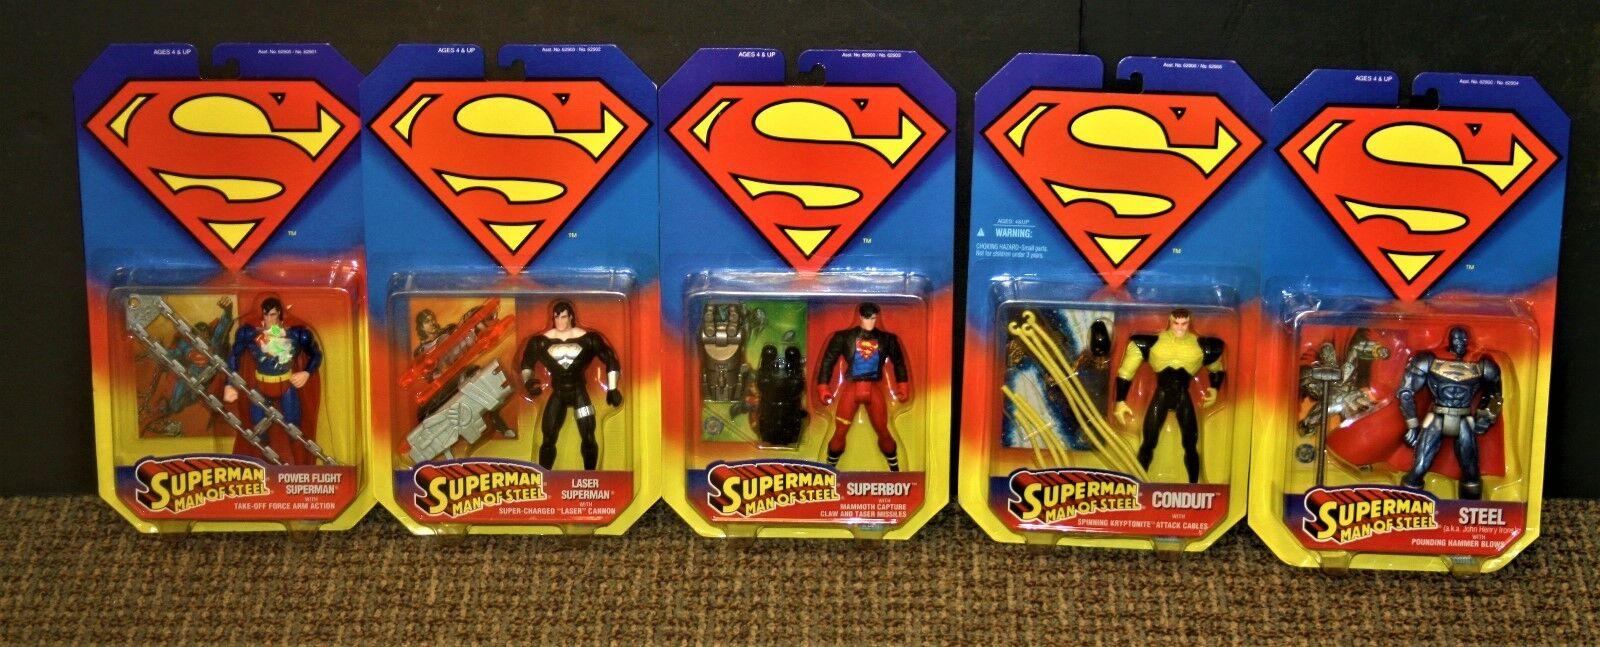 DC súperman Man of Steel, potencia de vuelo de 1995 Figuras De Acción De súperman Lote de 5